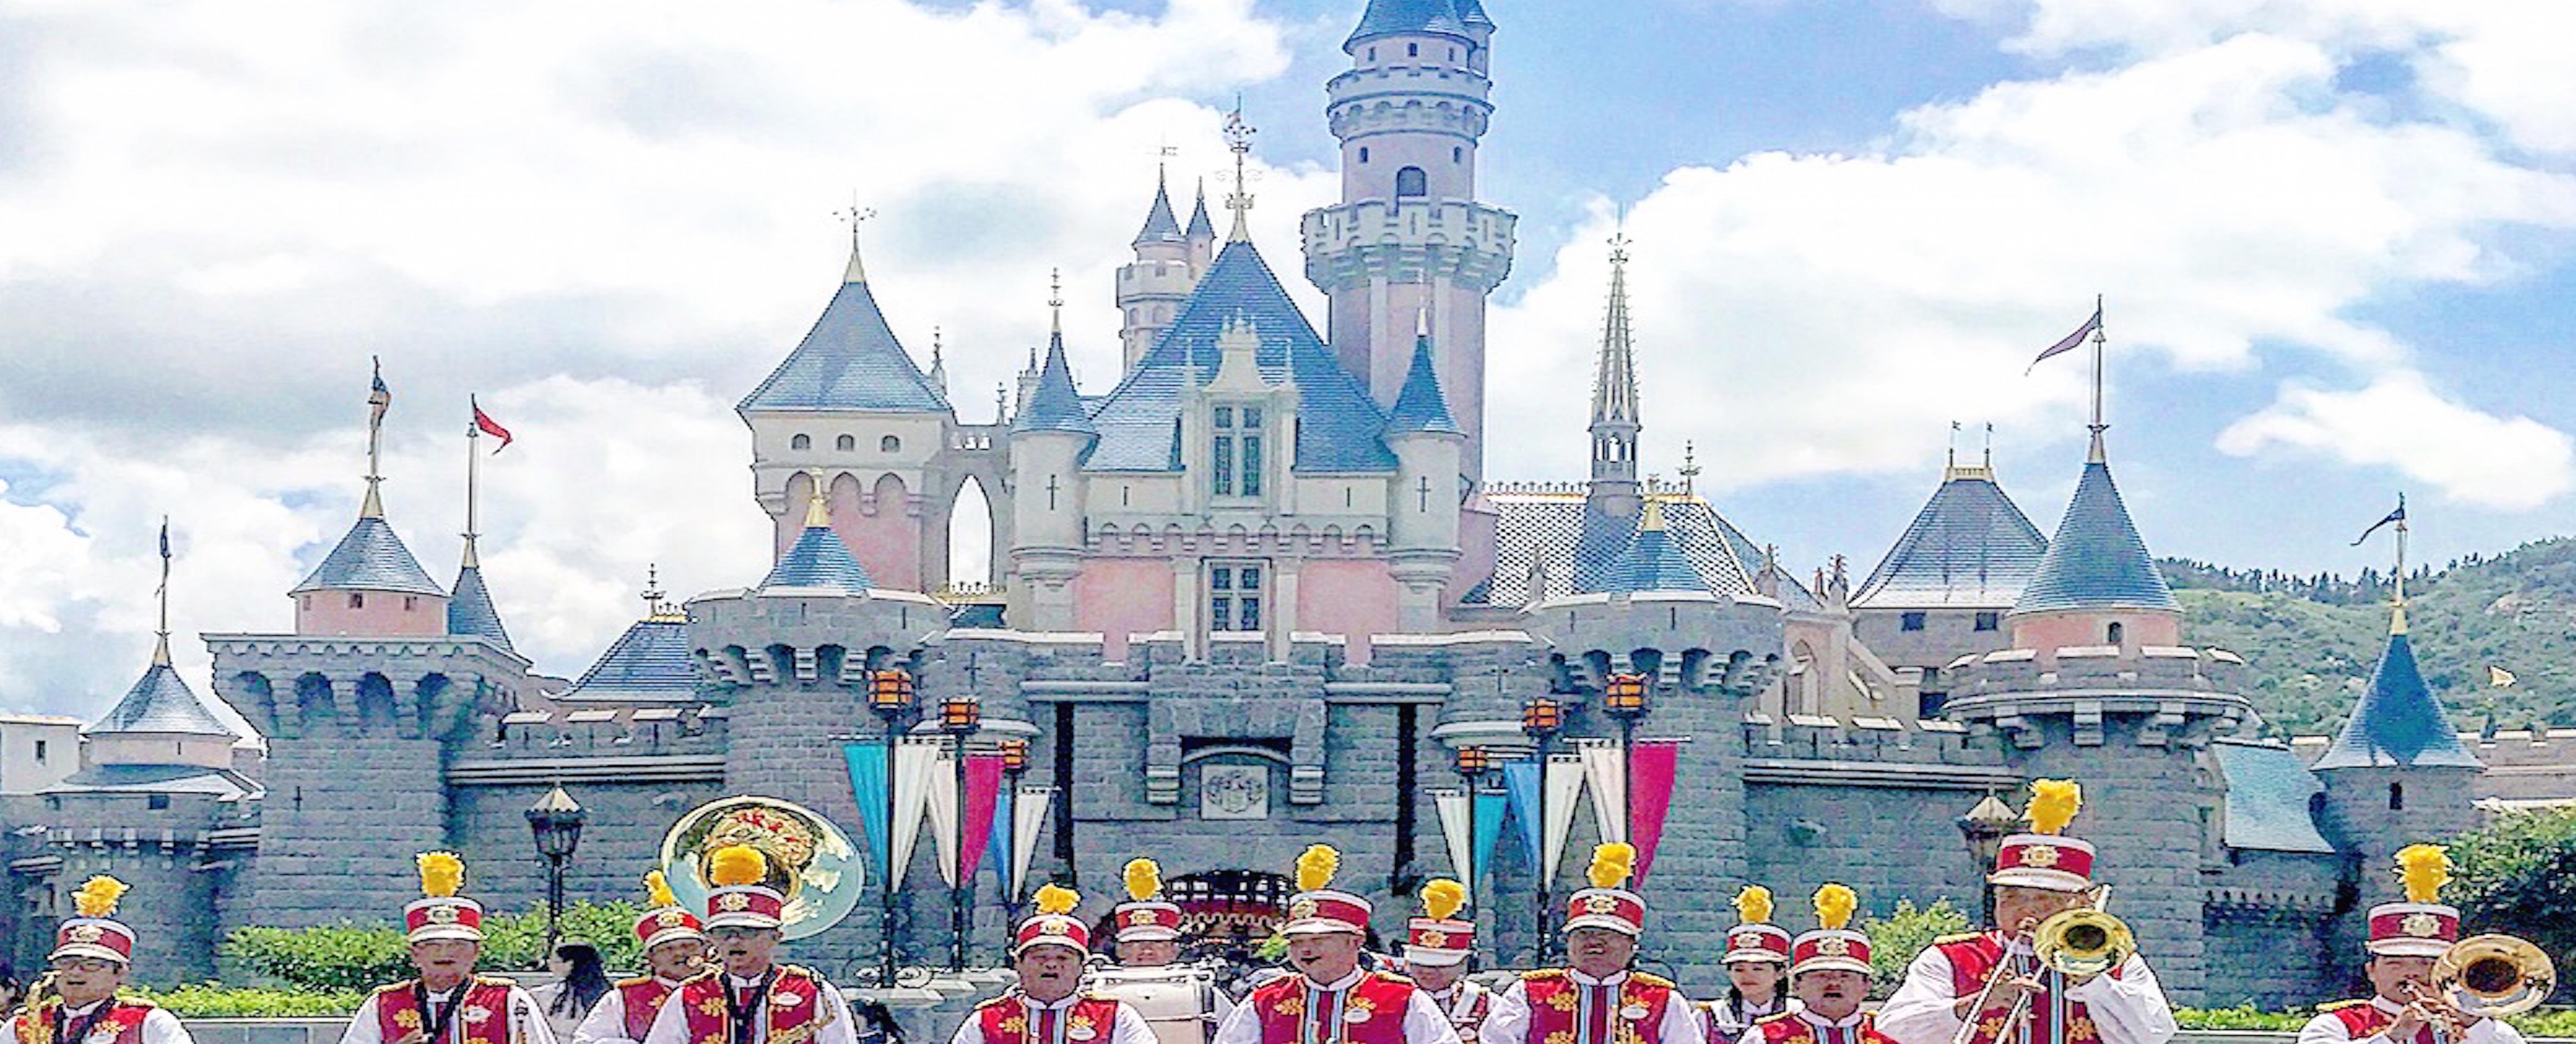 クリスマスの香港ディズニーランド旅行記ブログ〜お土産やショー